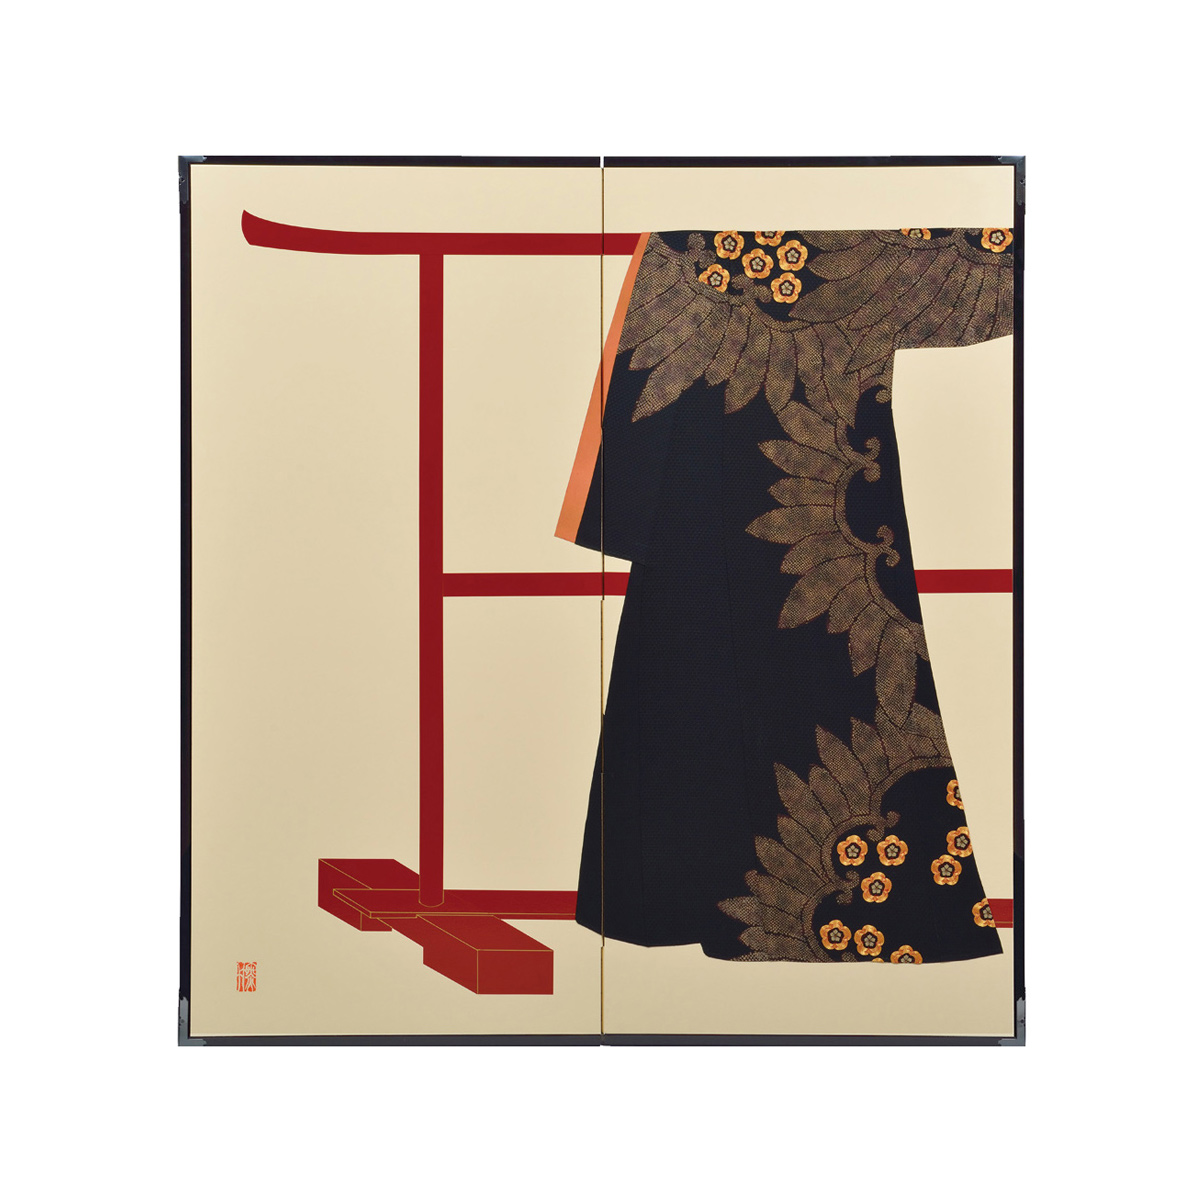 梅花入輪葉模様・鳥の子・たが袖元禄小袖復元屏風・黒竹節人プロデュース・京都くろちく